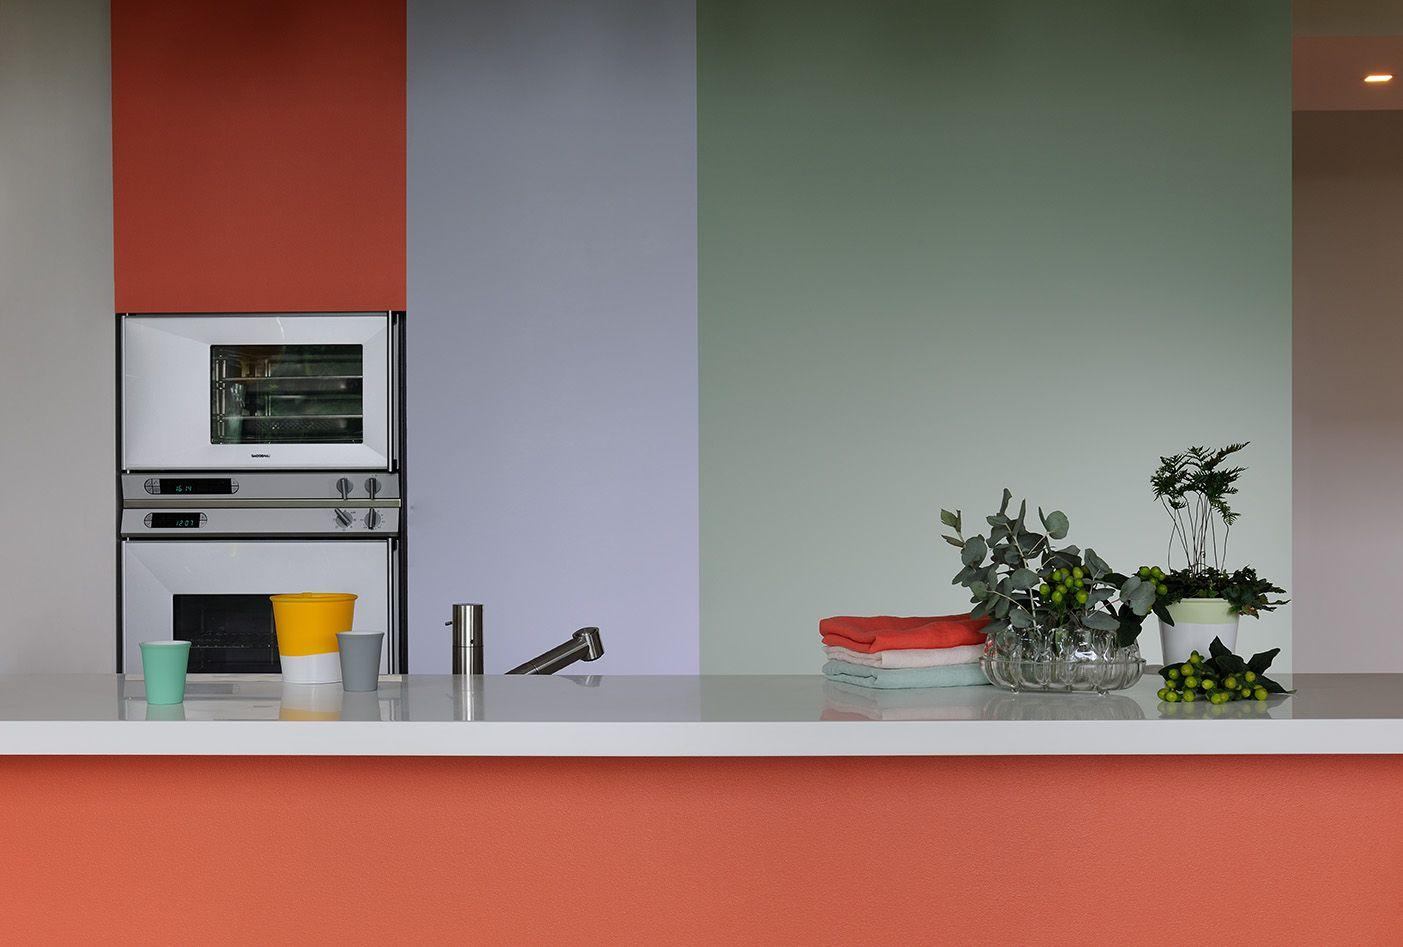 Associer Deux Teintes Comme Litchee Et Amandine A La Fois Pulpeuses Et Douces Pour Le Plus Delicieux Des Smoot Cuisine Verte Peinture Cuisine Inspiration Deco